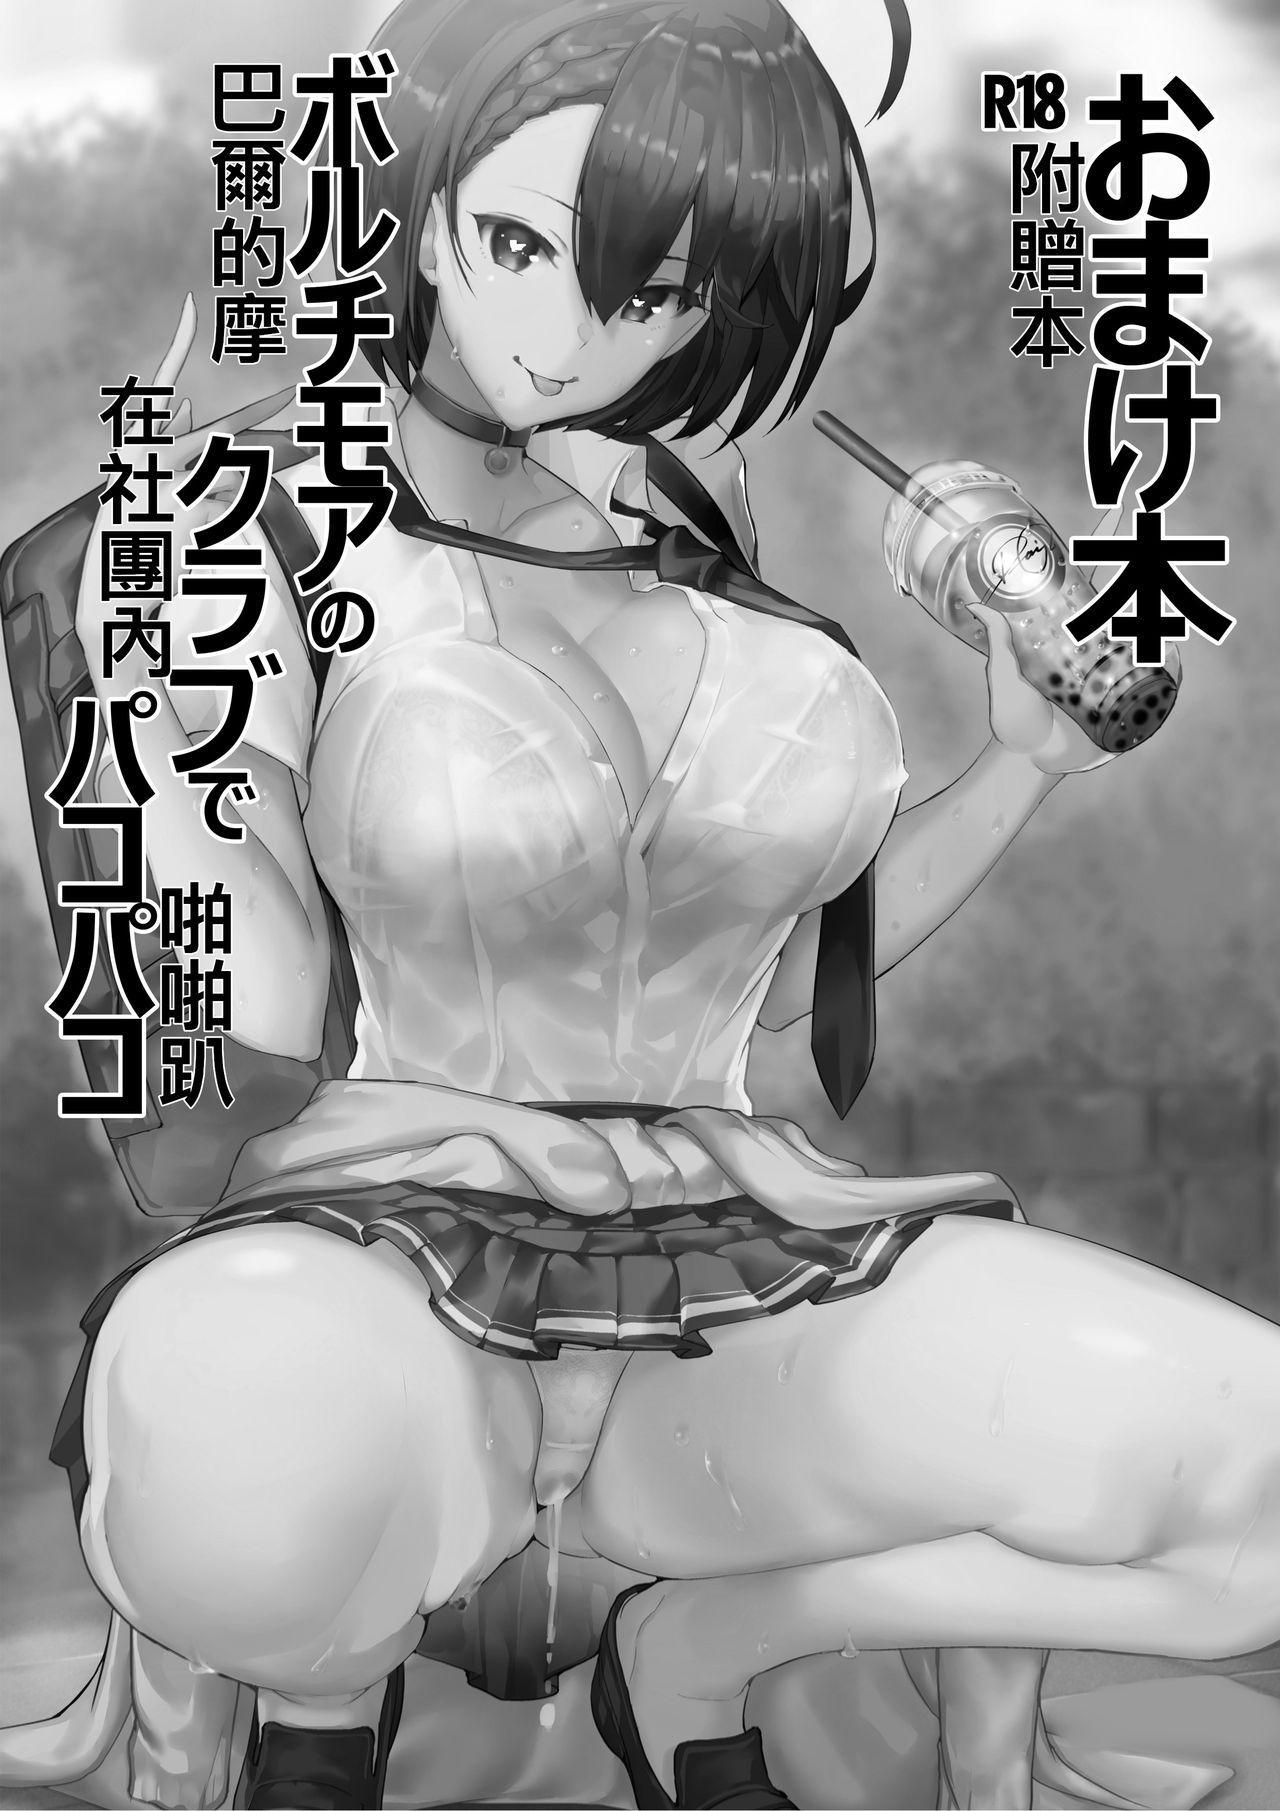 Mukakin Shirei ni Yubiwa o Kawaseru Saigo no Houhou 5 |讓無課司令買戒指給我的最終手段5 19